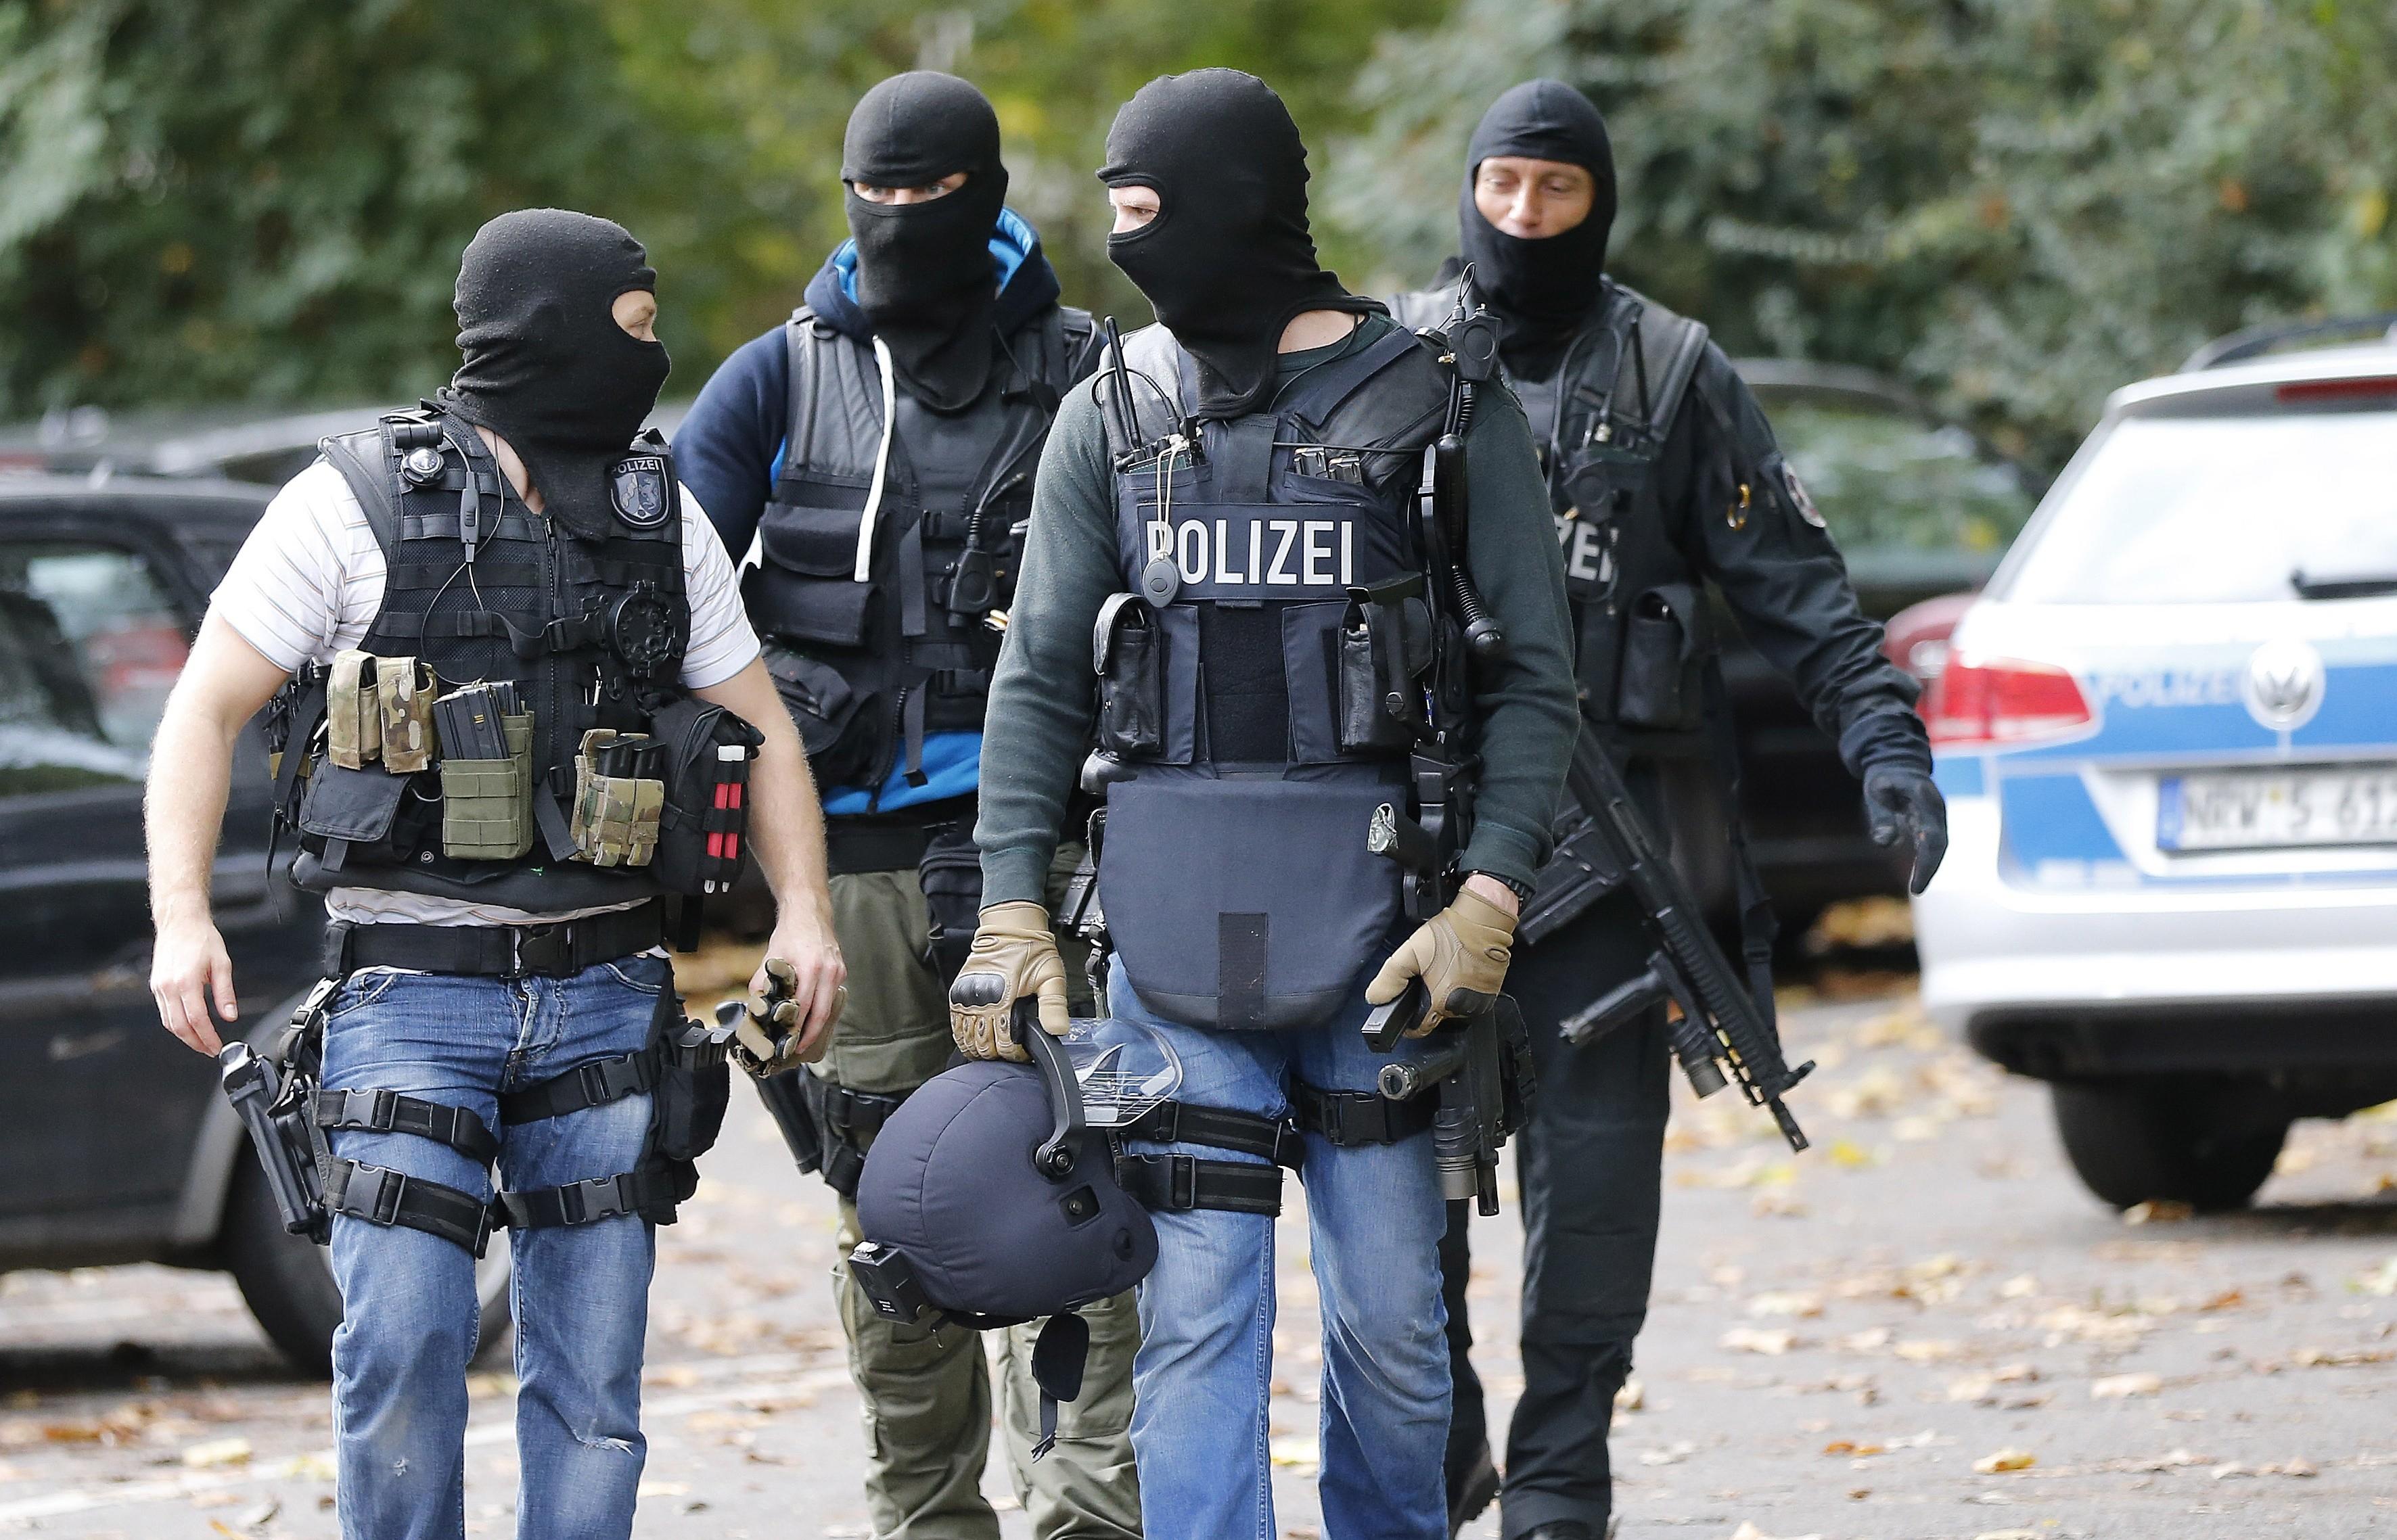 В лагере для беженцев в Германии около 100 человек устроили драку